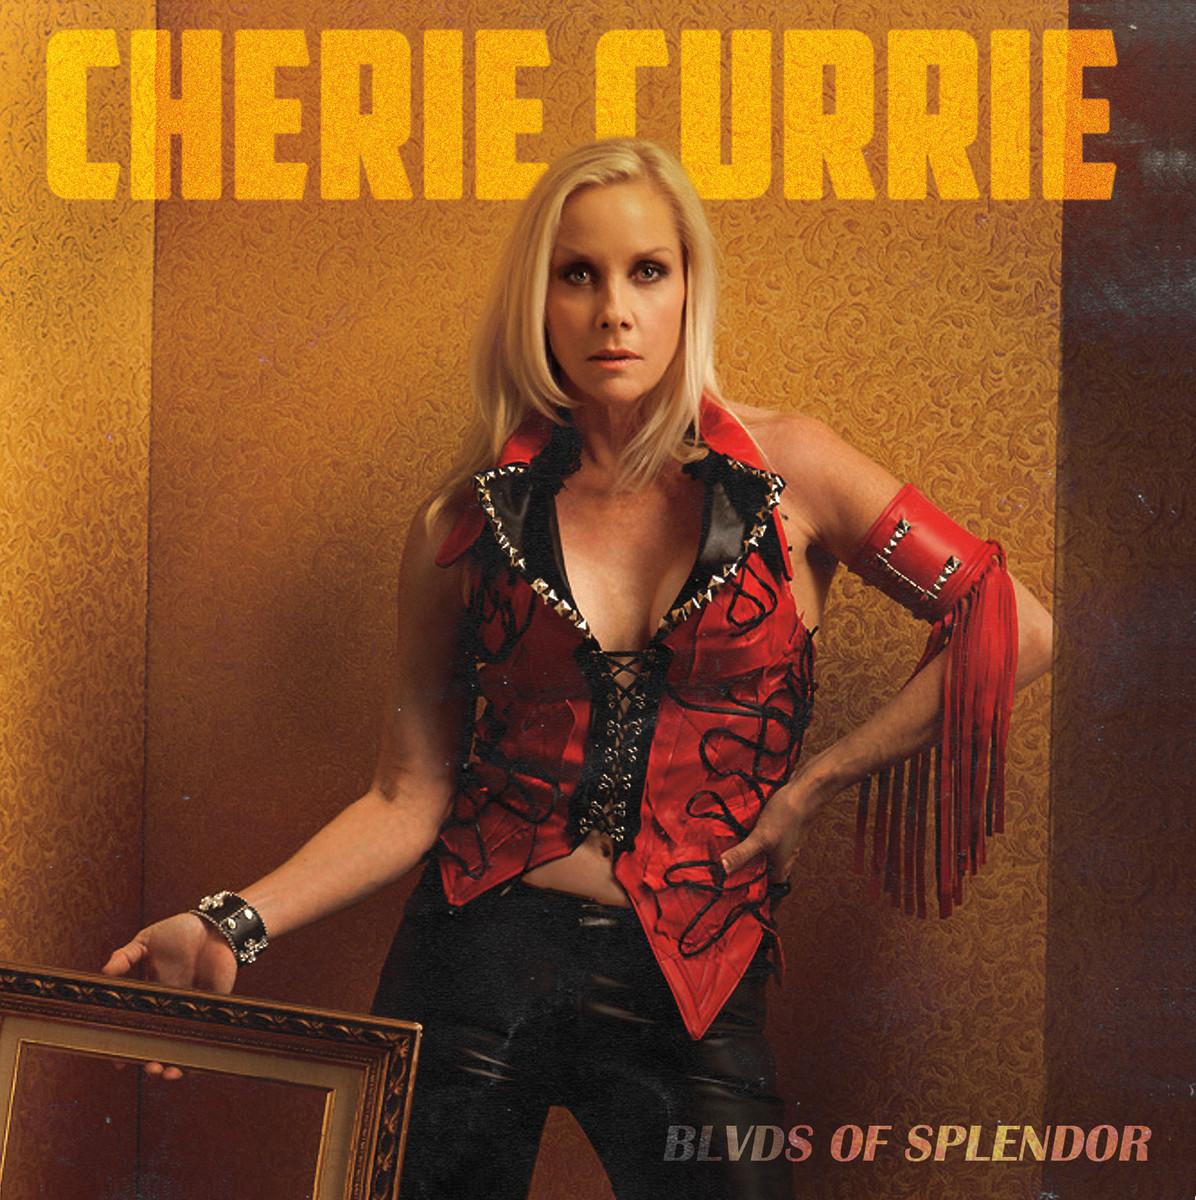 cherie blvds of splendor_cover by Robert Sebree